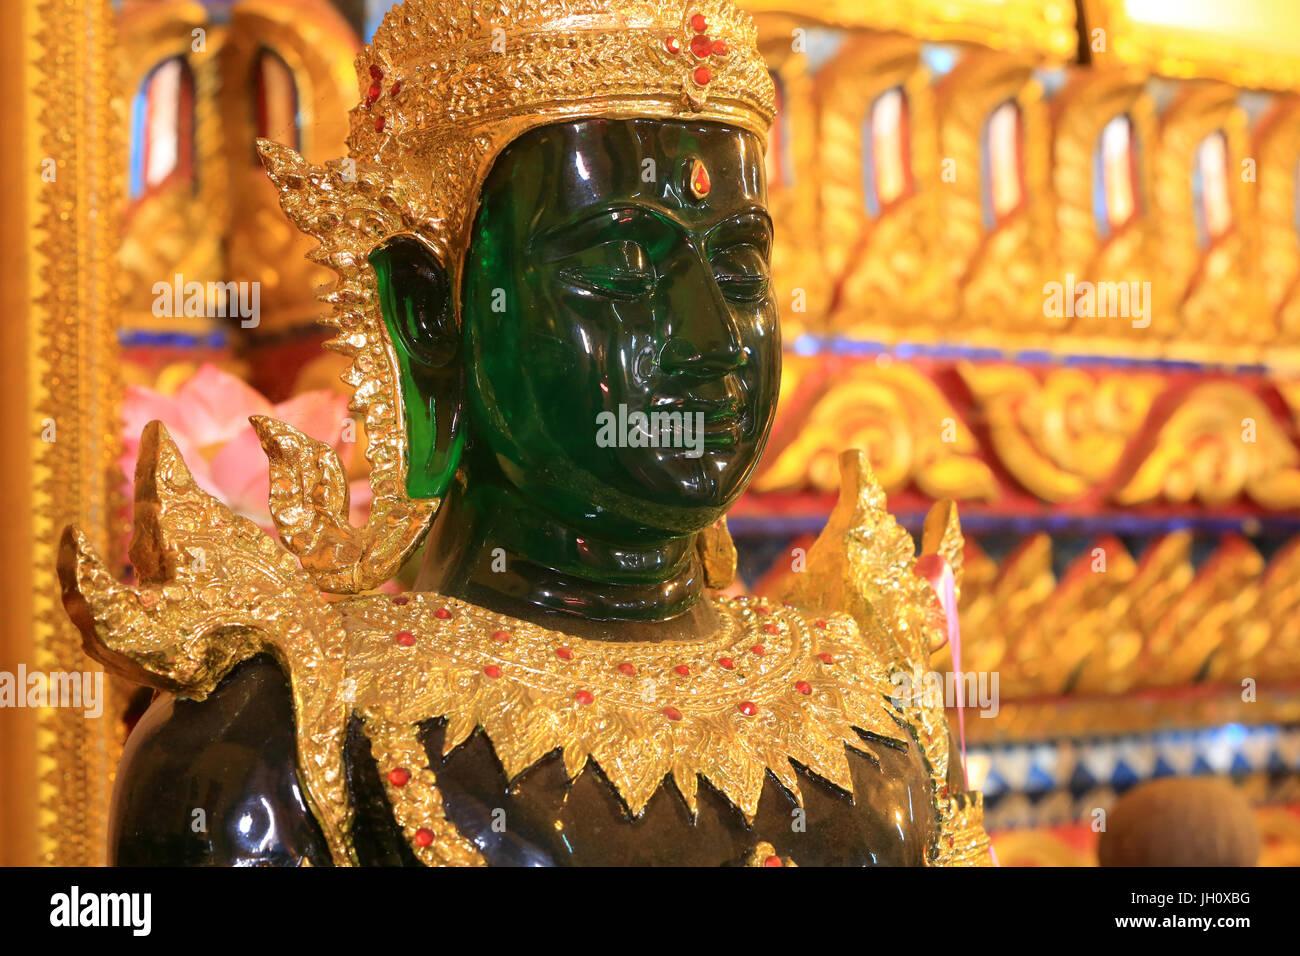 Emerald Buddha statue. Vat Ong Teu. Wat Ong Teu Mahawihan. Vientiane. Laos. - Stock Image